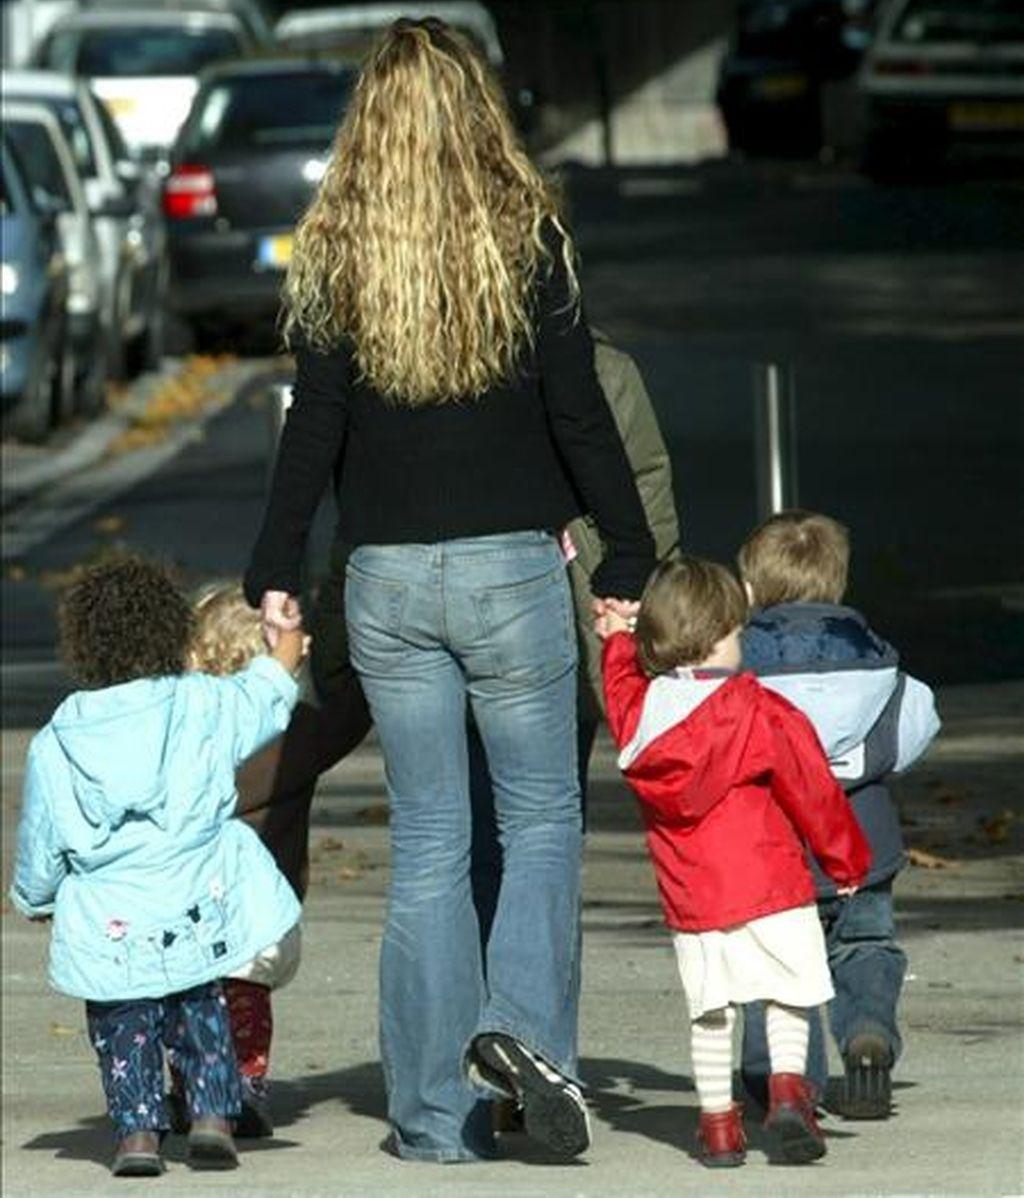 Según los expertos, las madres que inundan a sus hijos de cariño durante sus primeros años de vida, les preparan para hacer frente al estrés vital al que inevitablemente se enfrentarán de adultos. EFE/Archivo